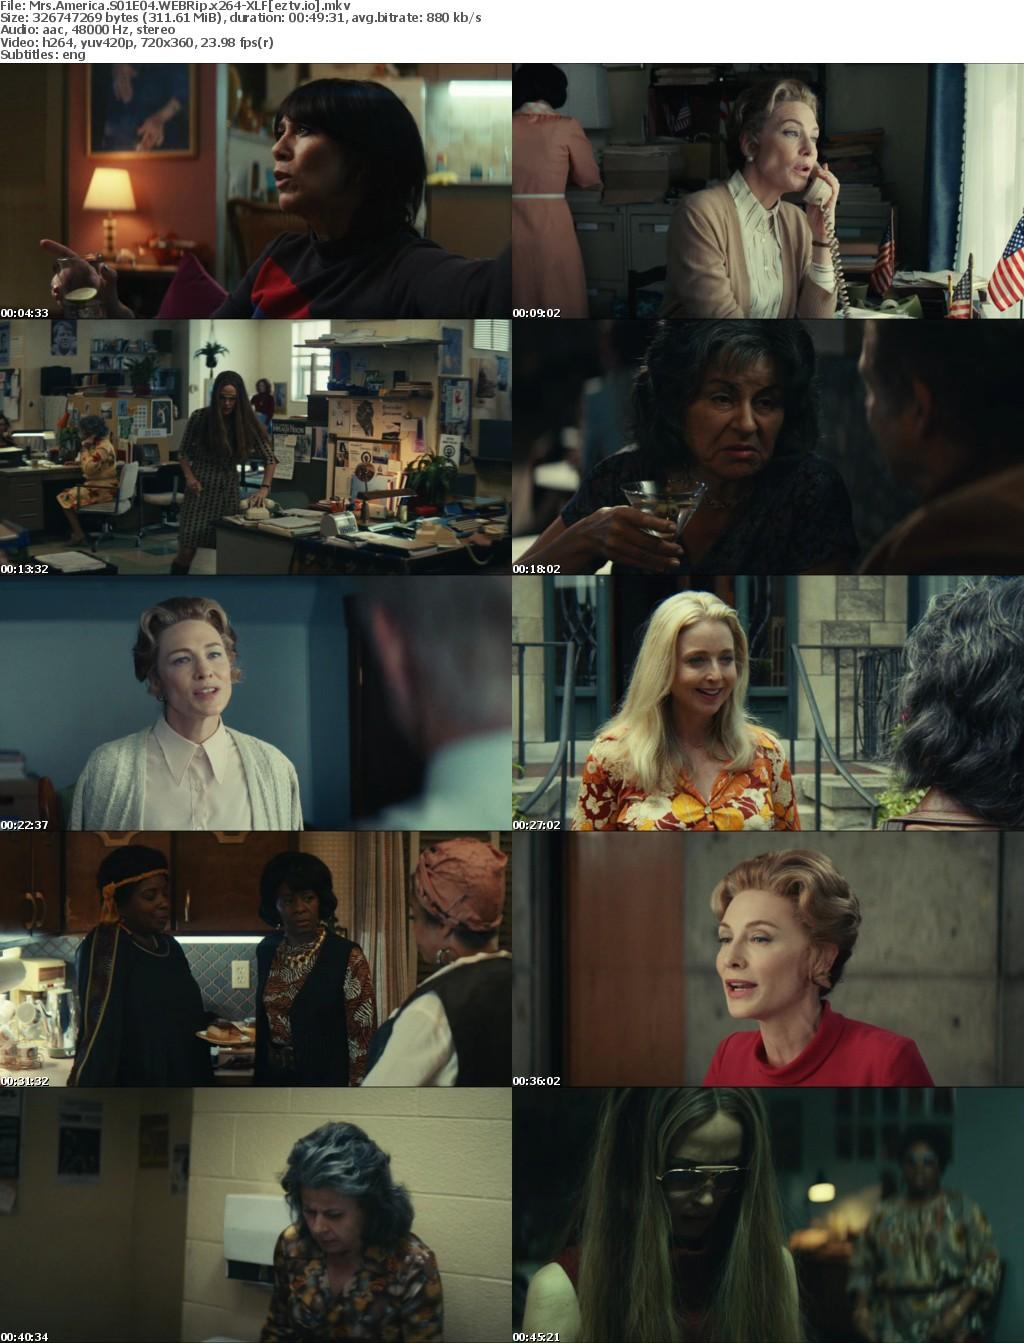 Mrs America S01E04 WEBRip x264-XLF